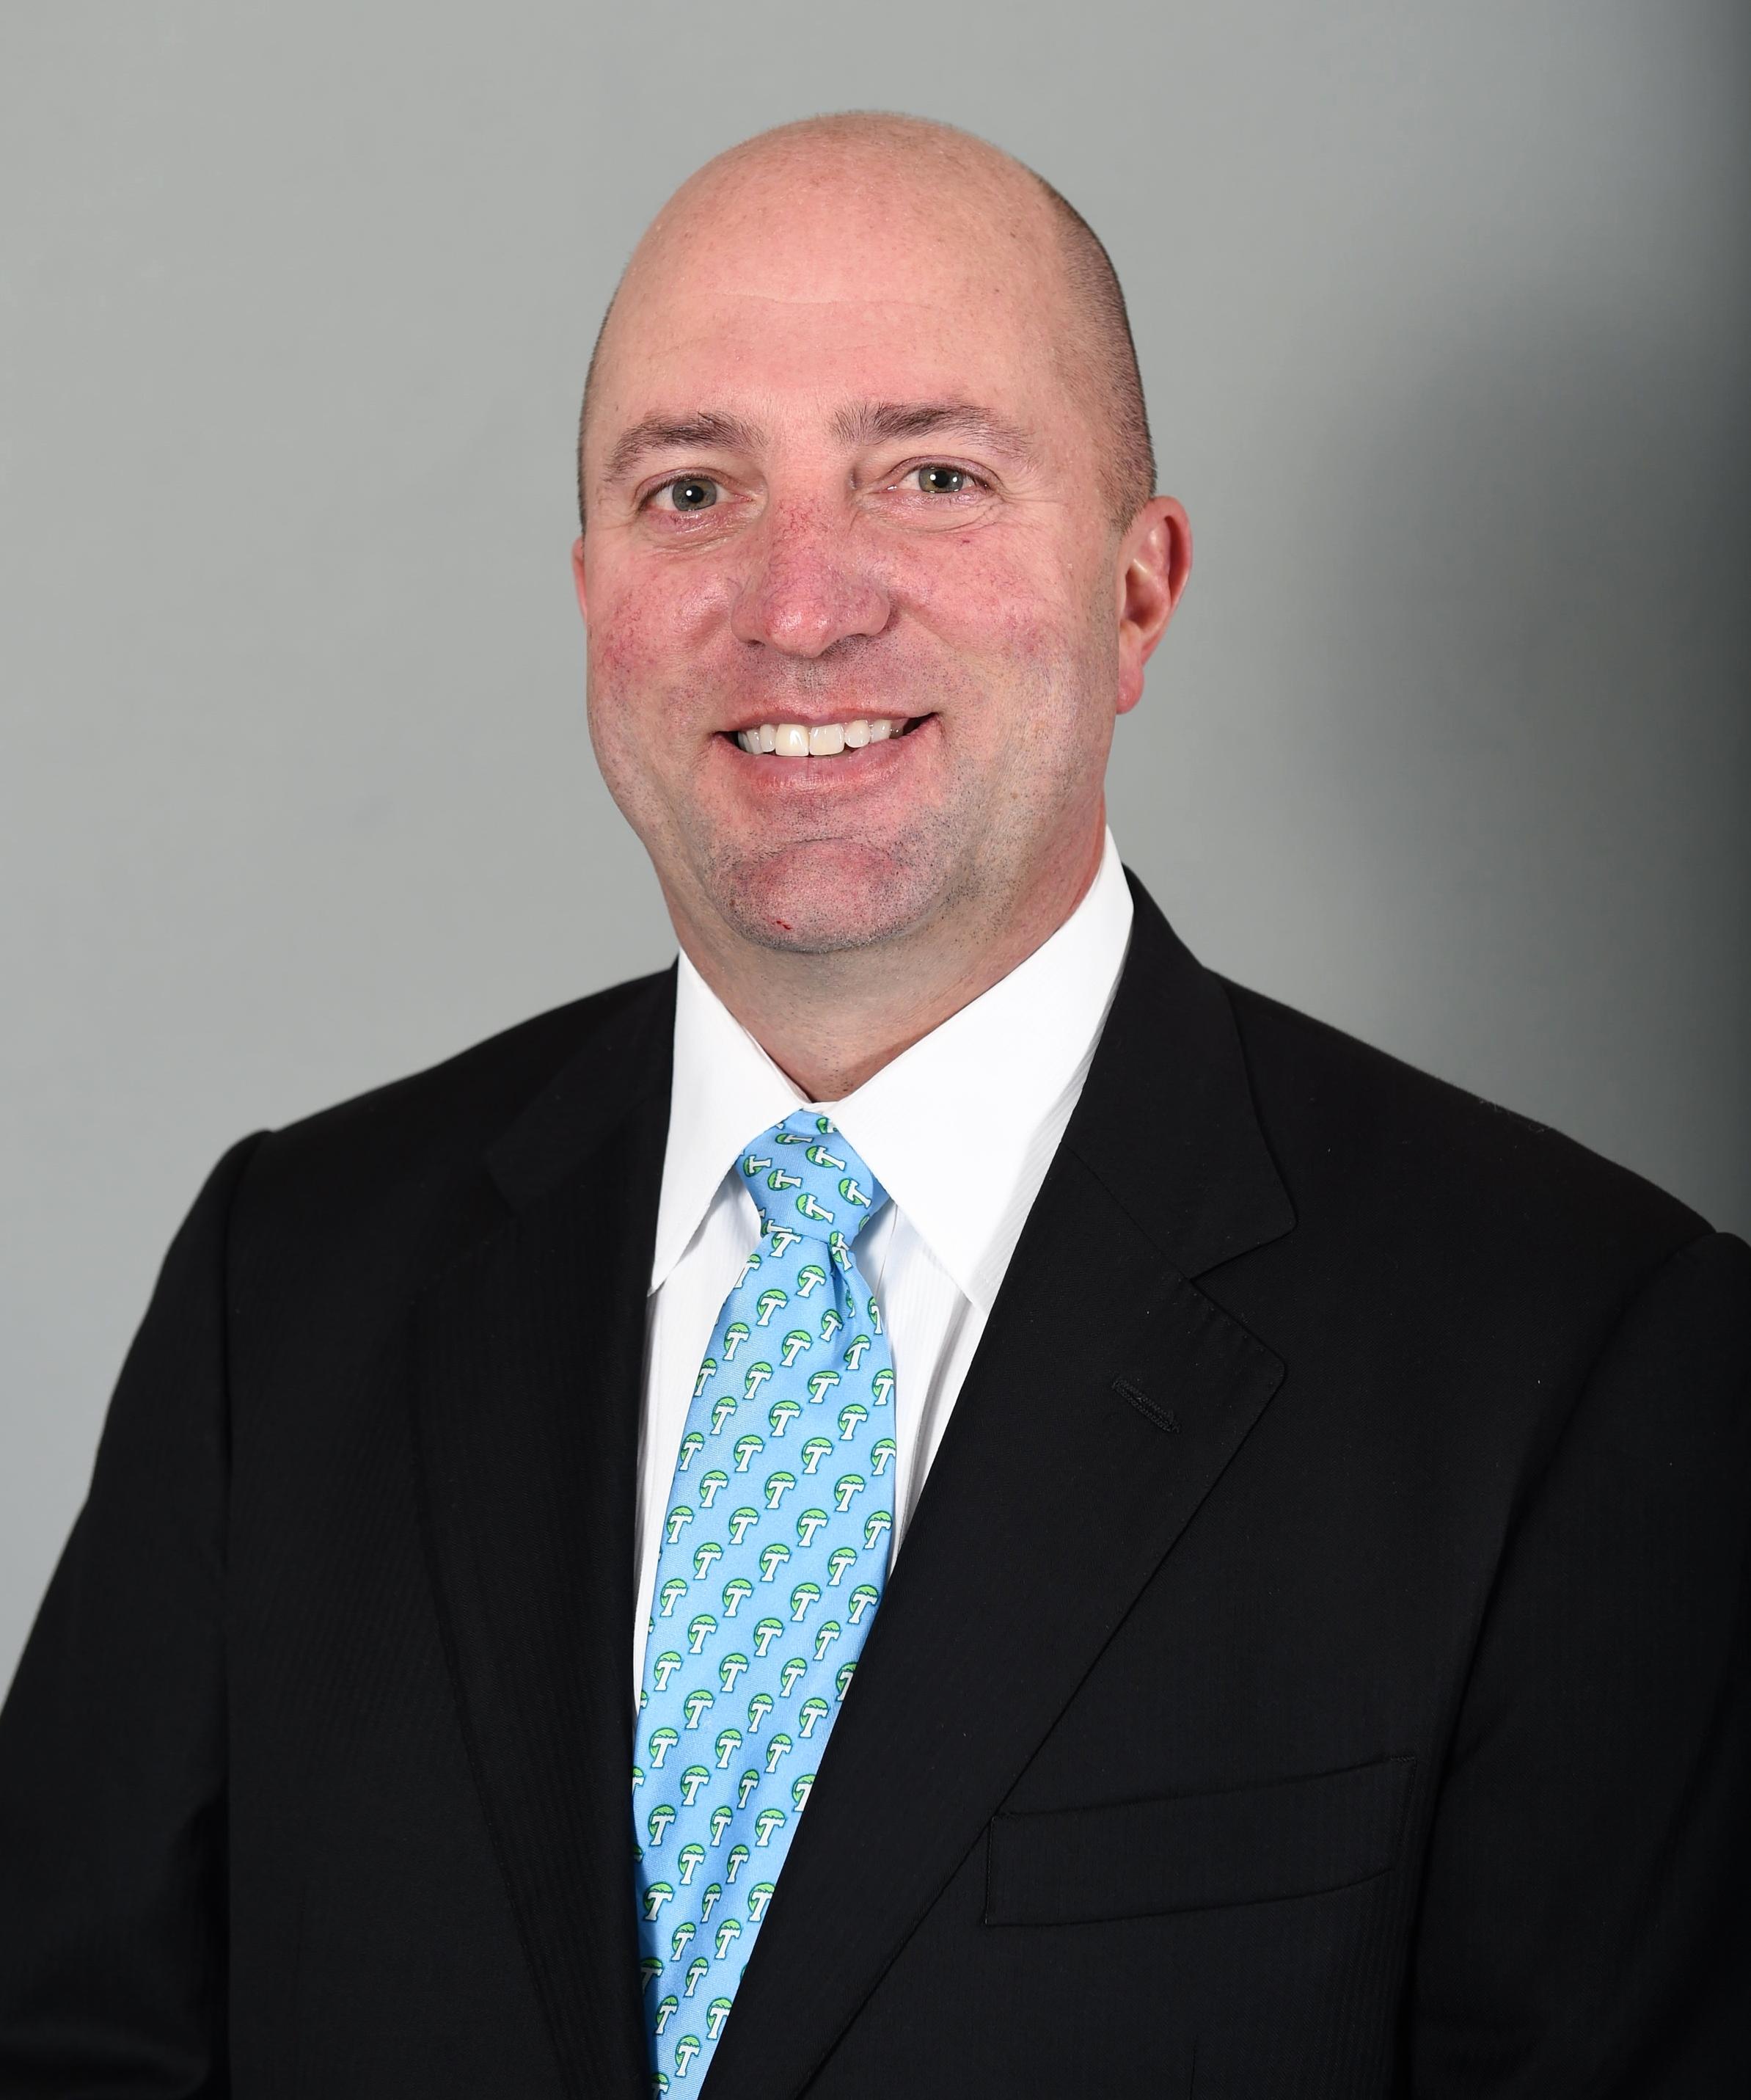 Troy Dannen   Ben Weiner Director of Athletics Chair